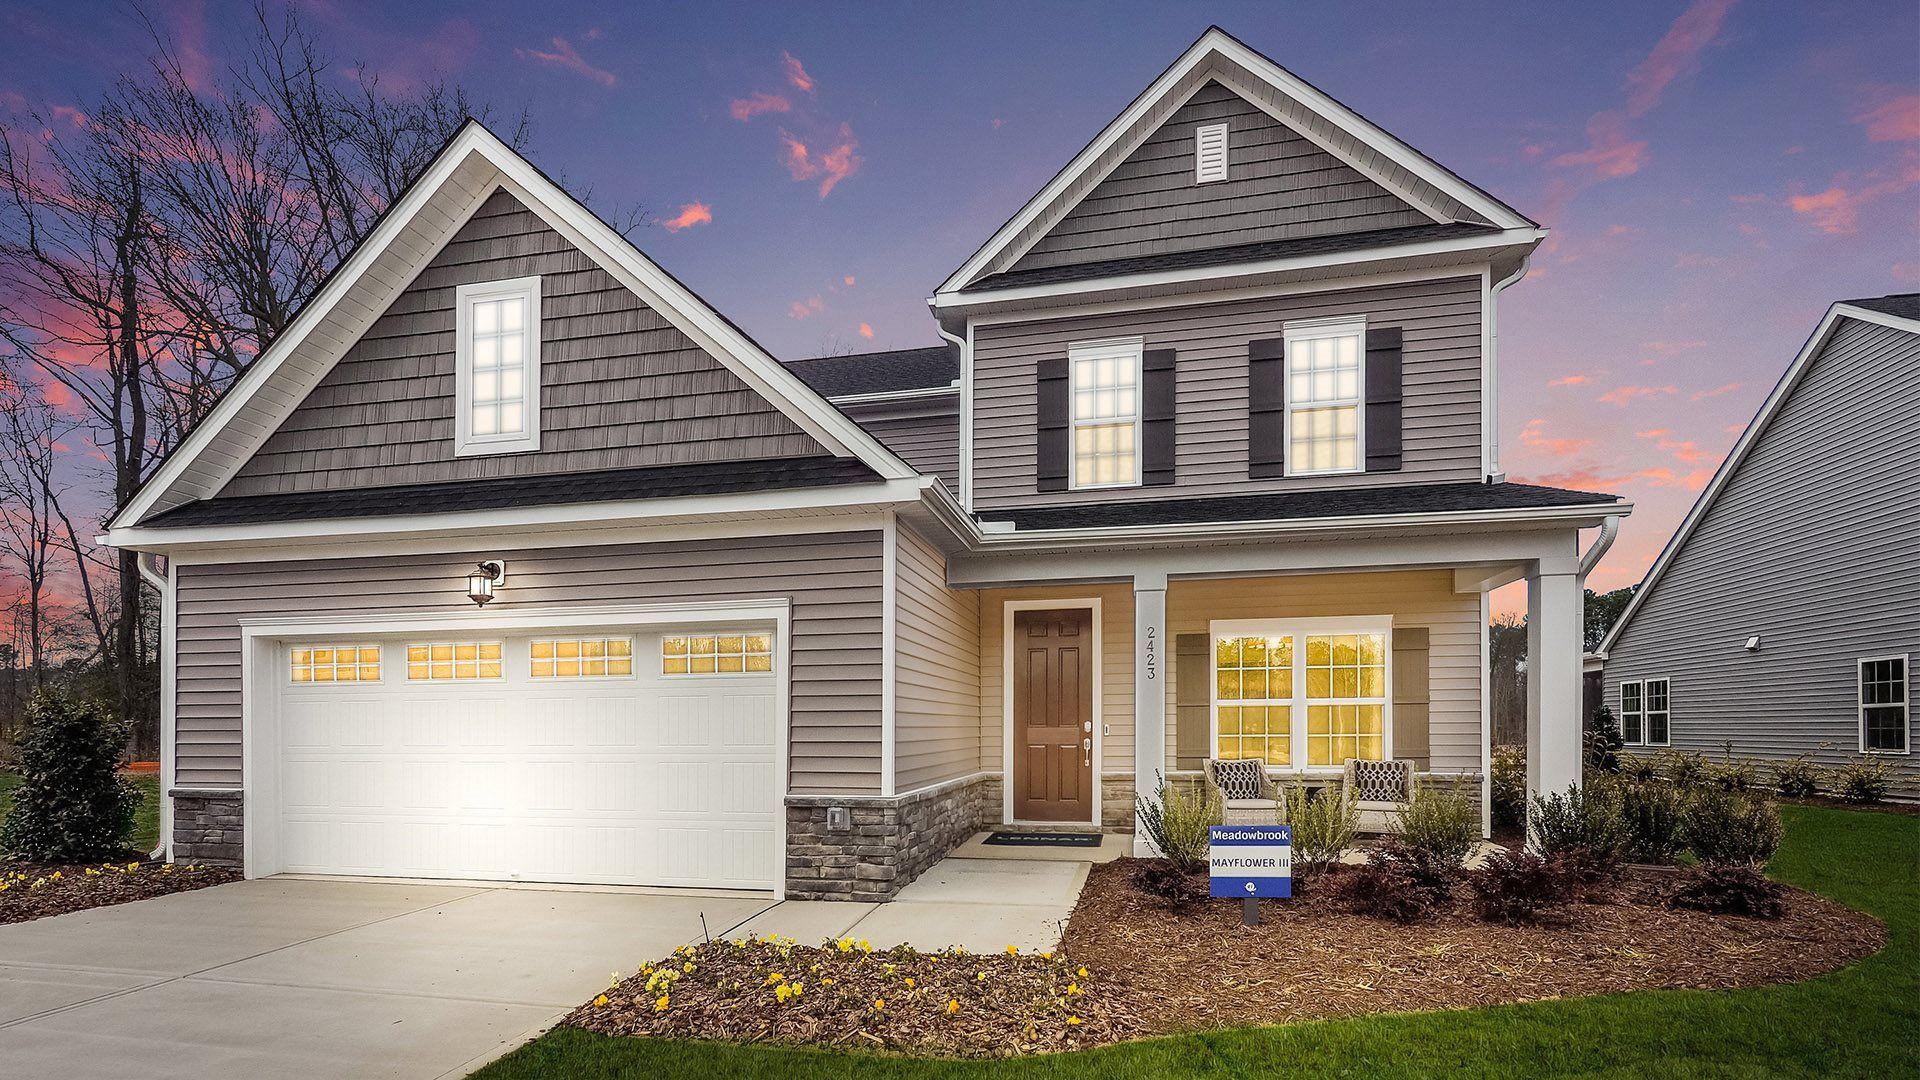 Clifford Glen: New Homes for sale in Garner